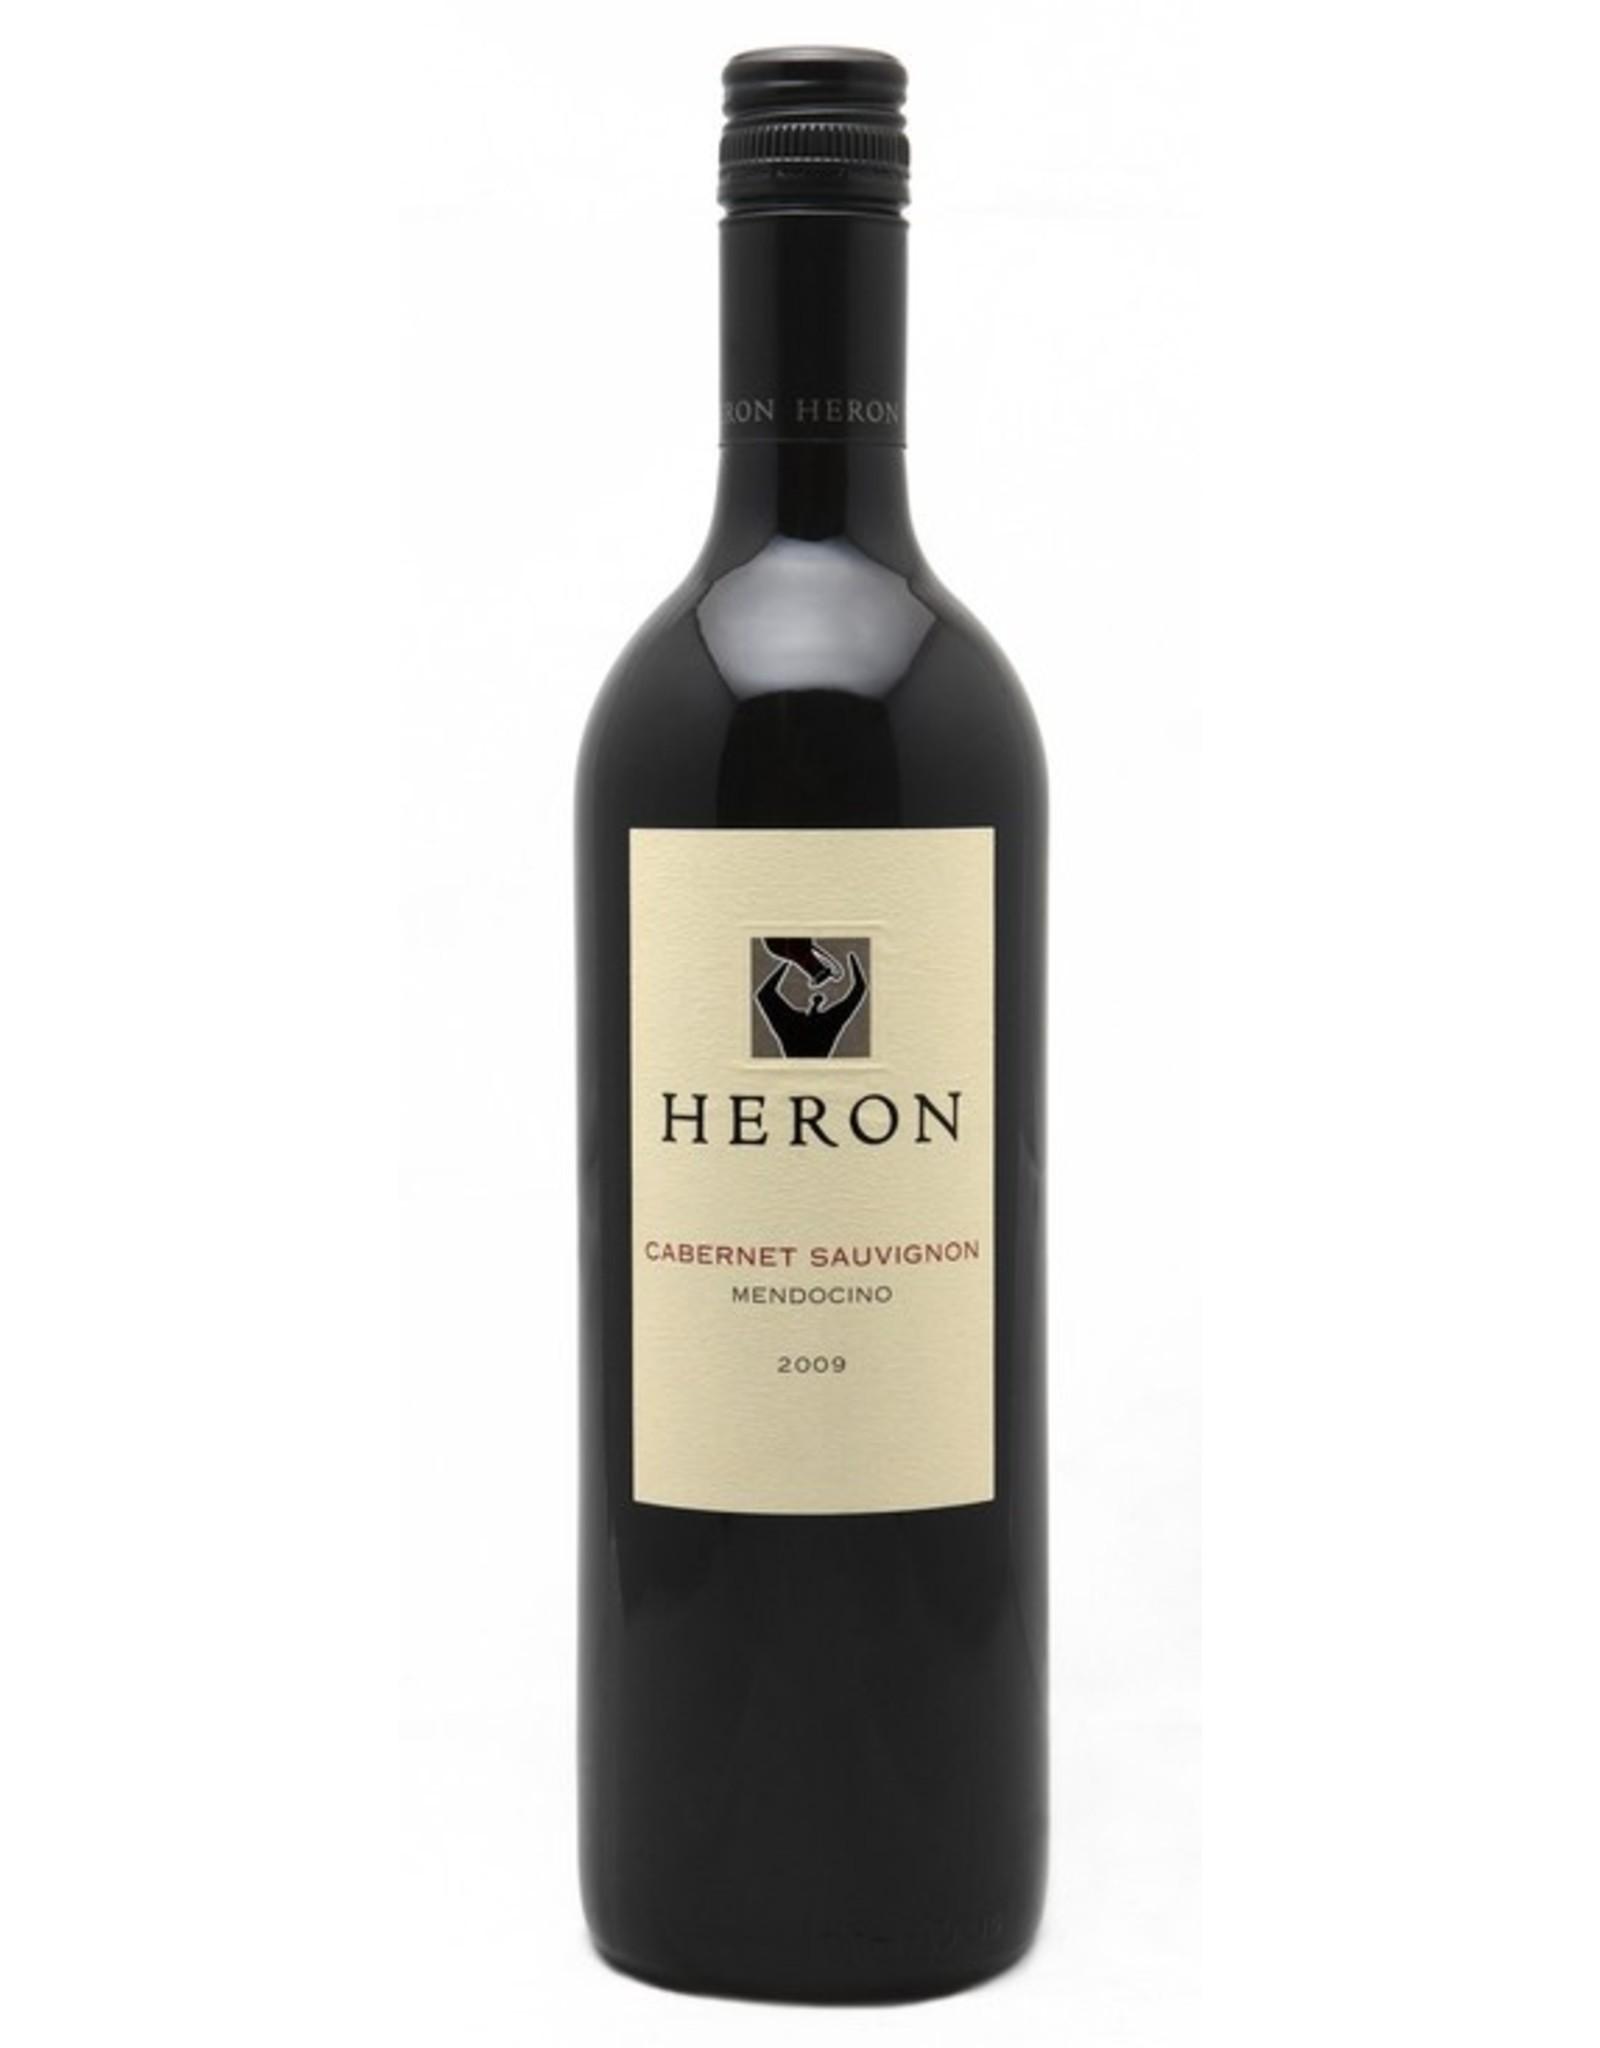 Heron Cabernet Sauvignon